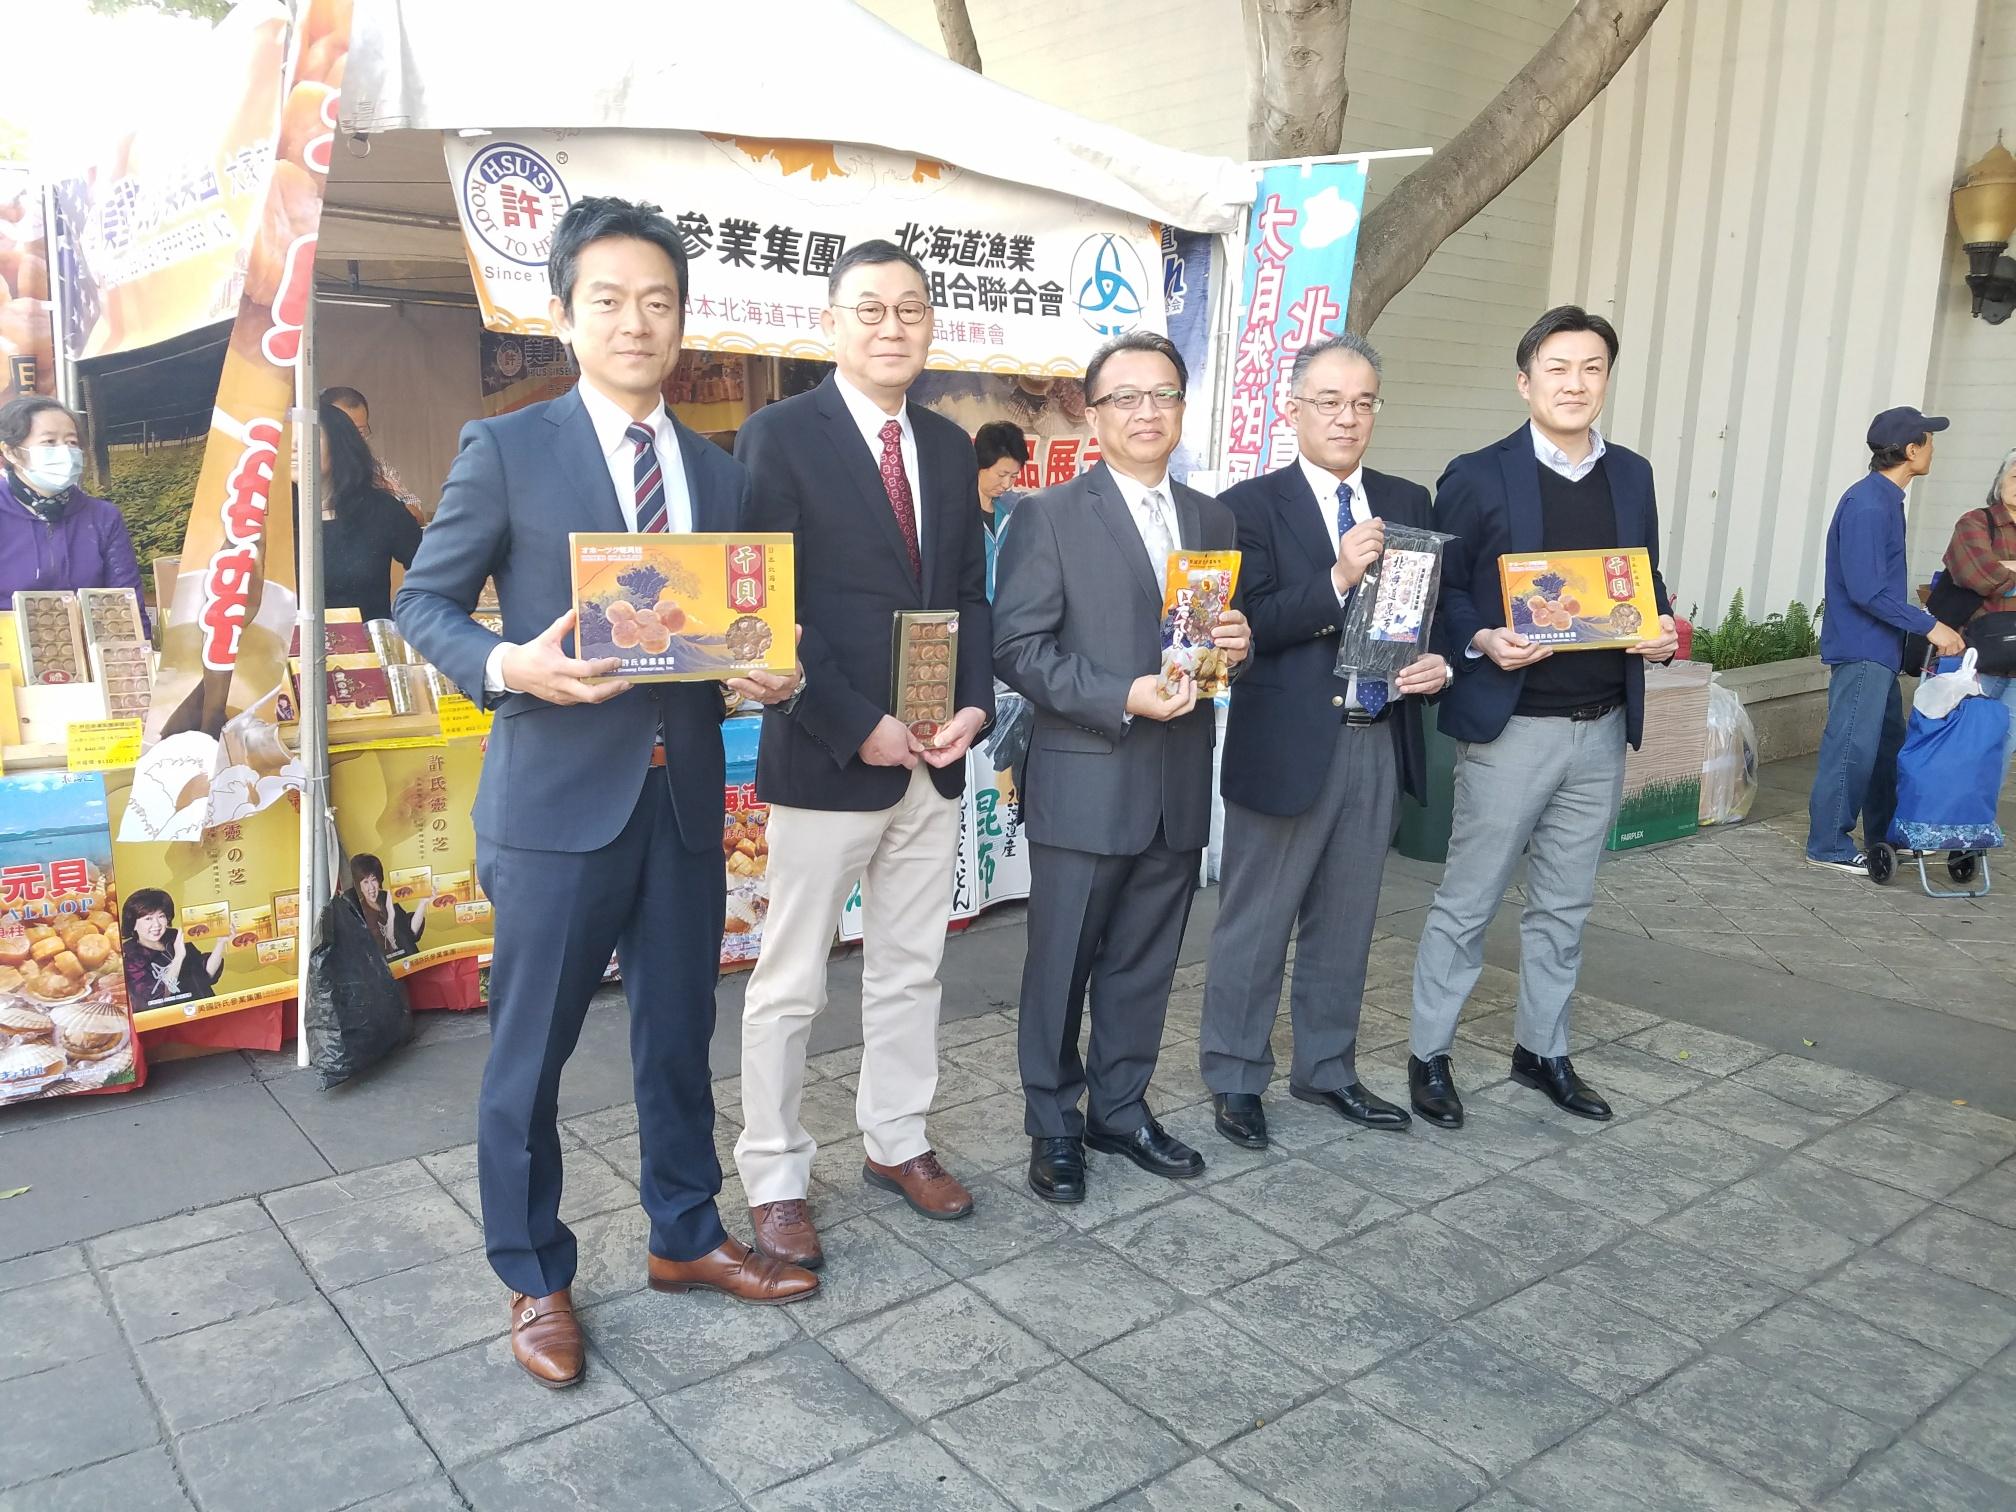 日本北海道漁業協同組合連合會總經理瀨川直樹(右2)與許氏參業集團副總裁林維章(右3)與出席嘉賓,手持許氏參業集團的產品合影。許氏參業集團提供